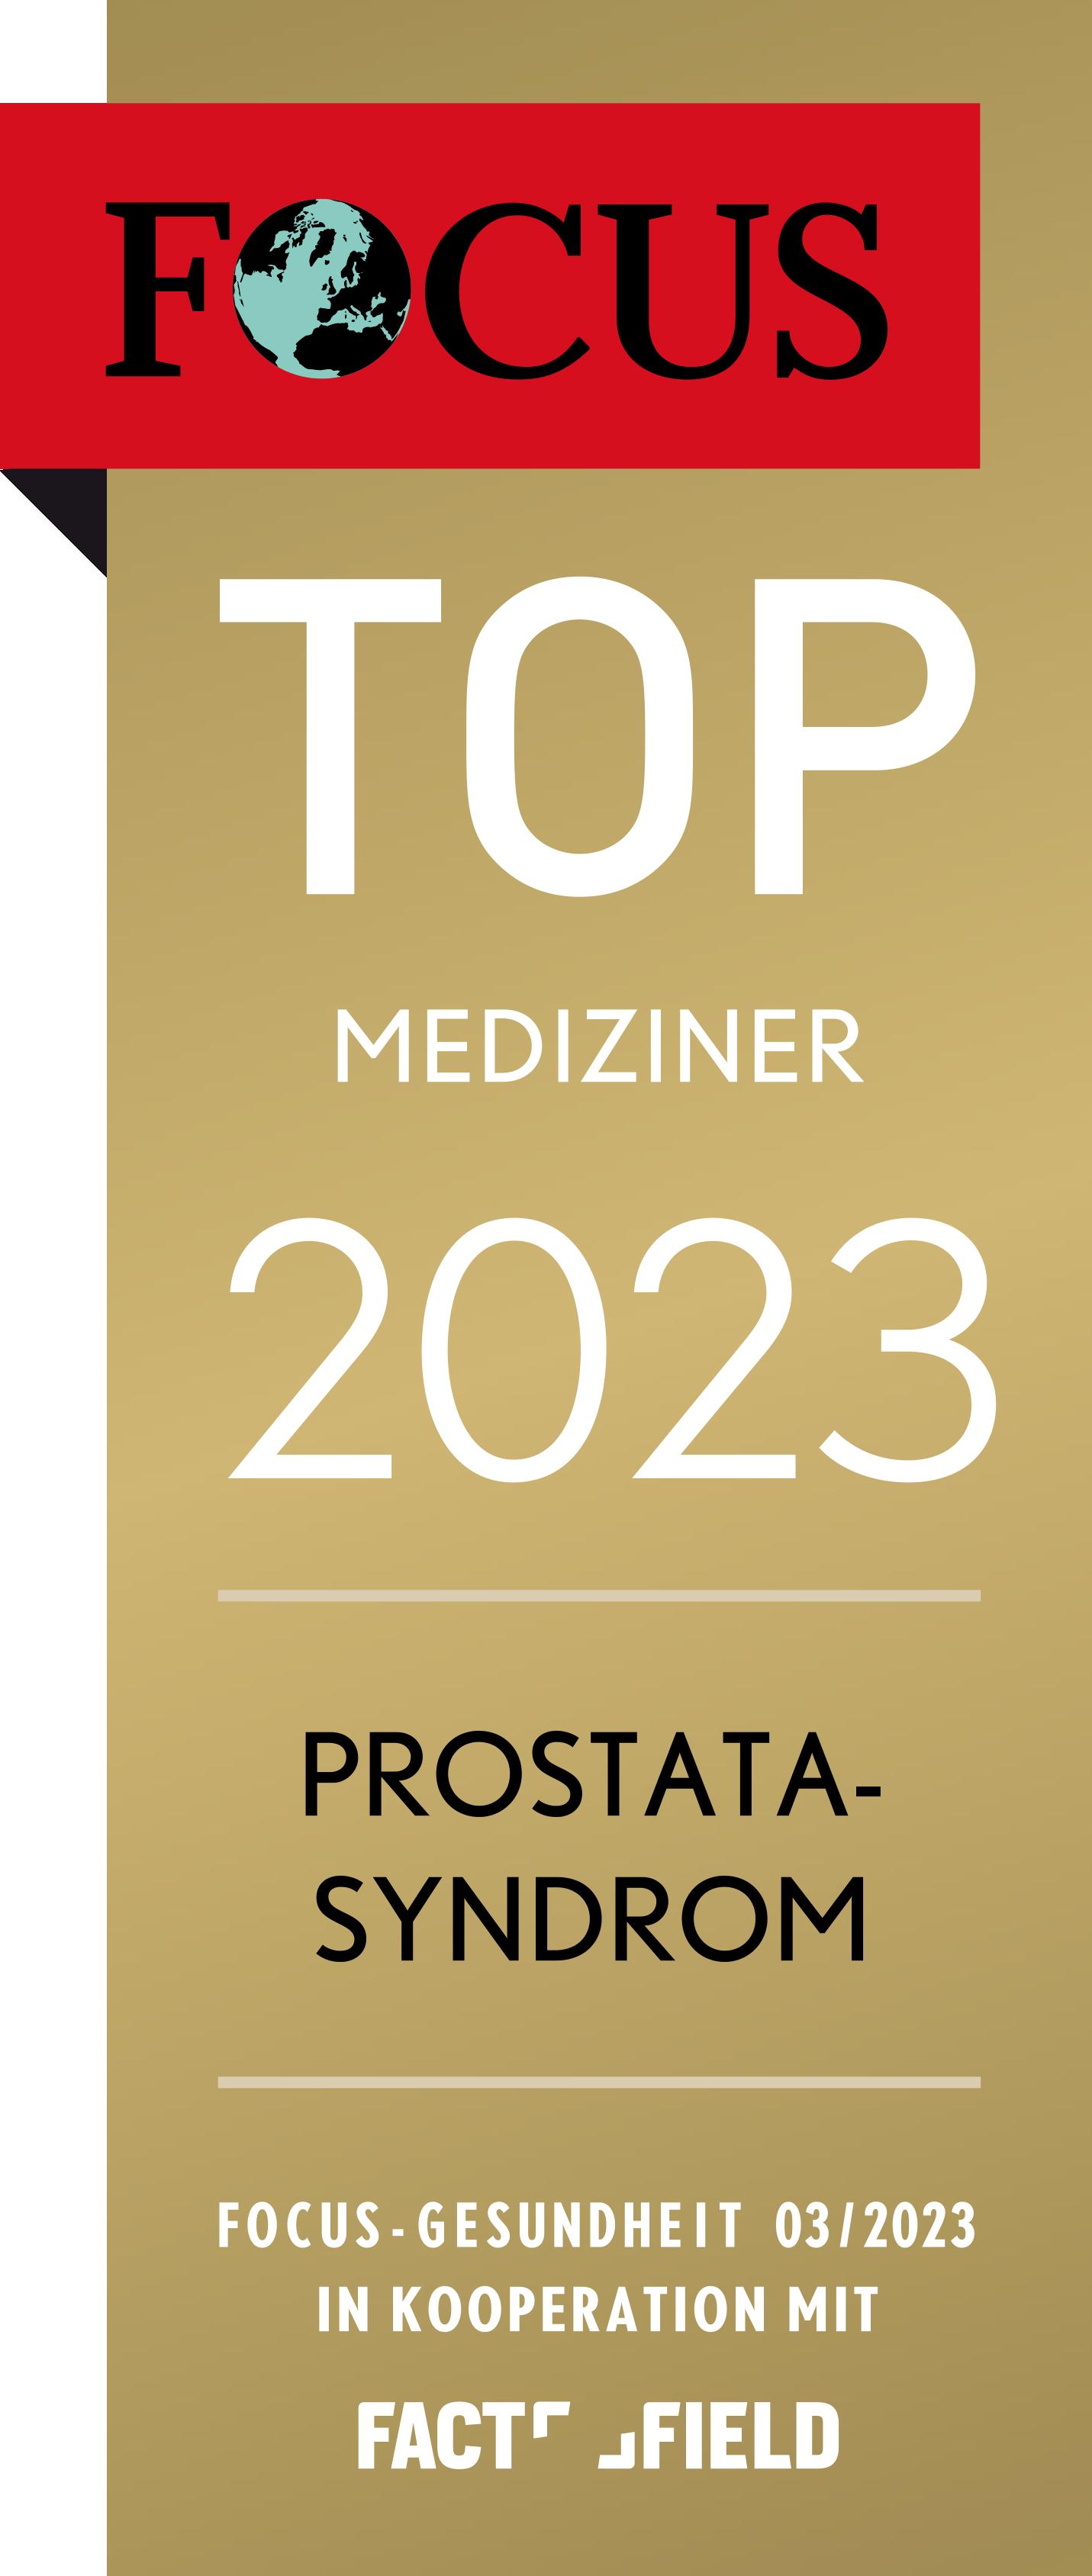 FOCUS Empfehlung 2021 - Prostata